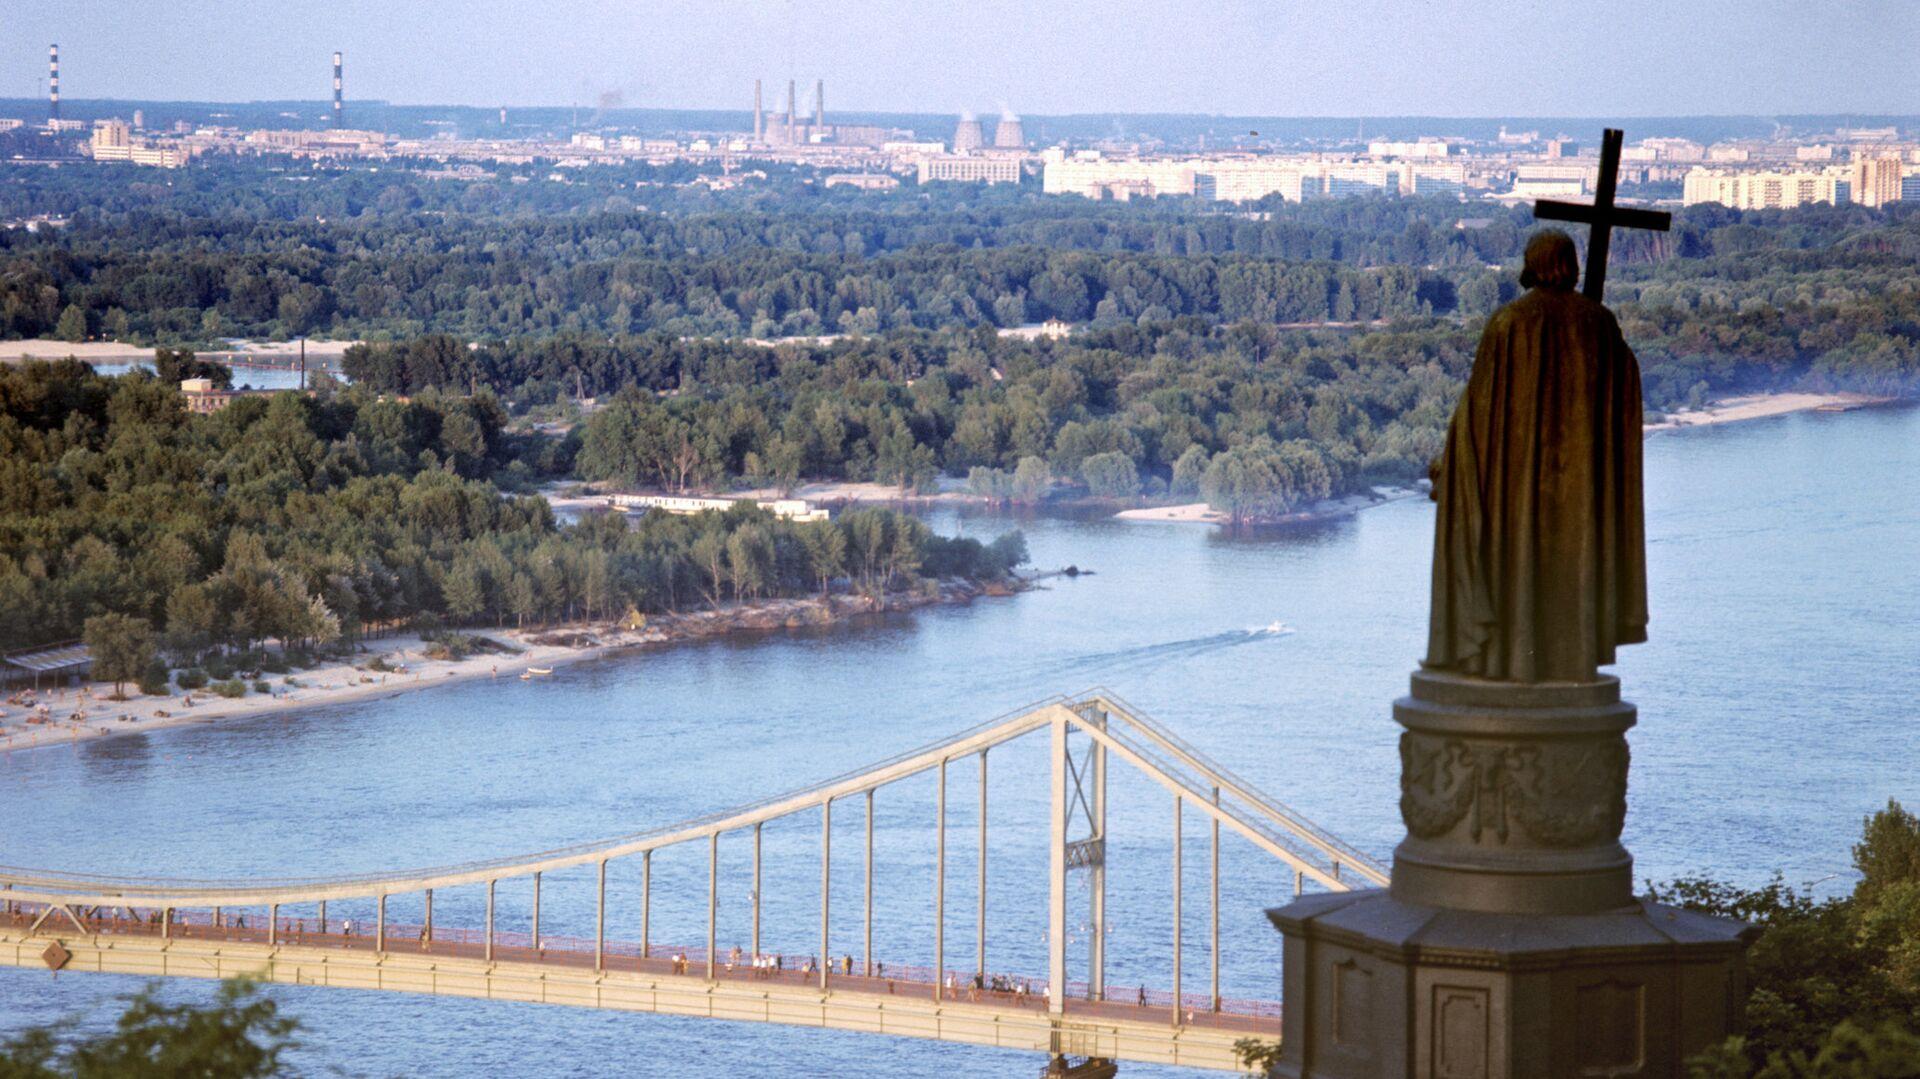 Вид из парка Владимирская горка на реку Днепр. Киев - РИА Новости, 1920, 21.07.2021